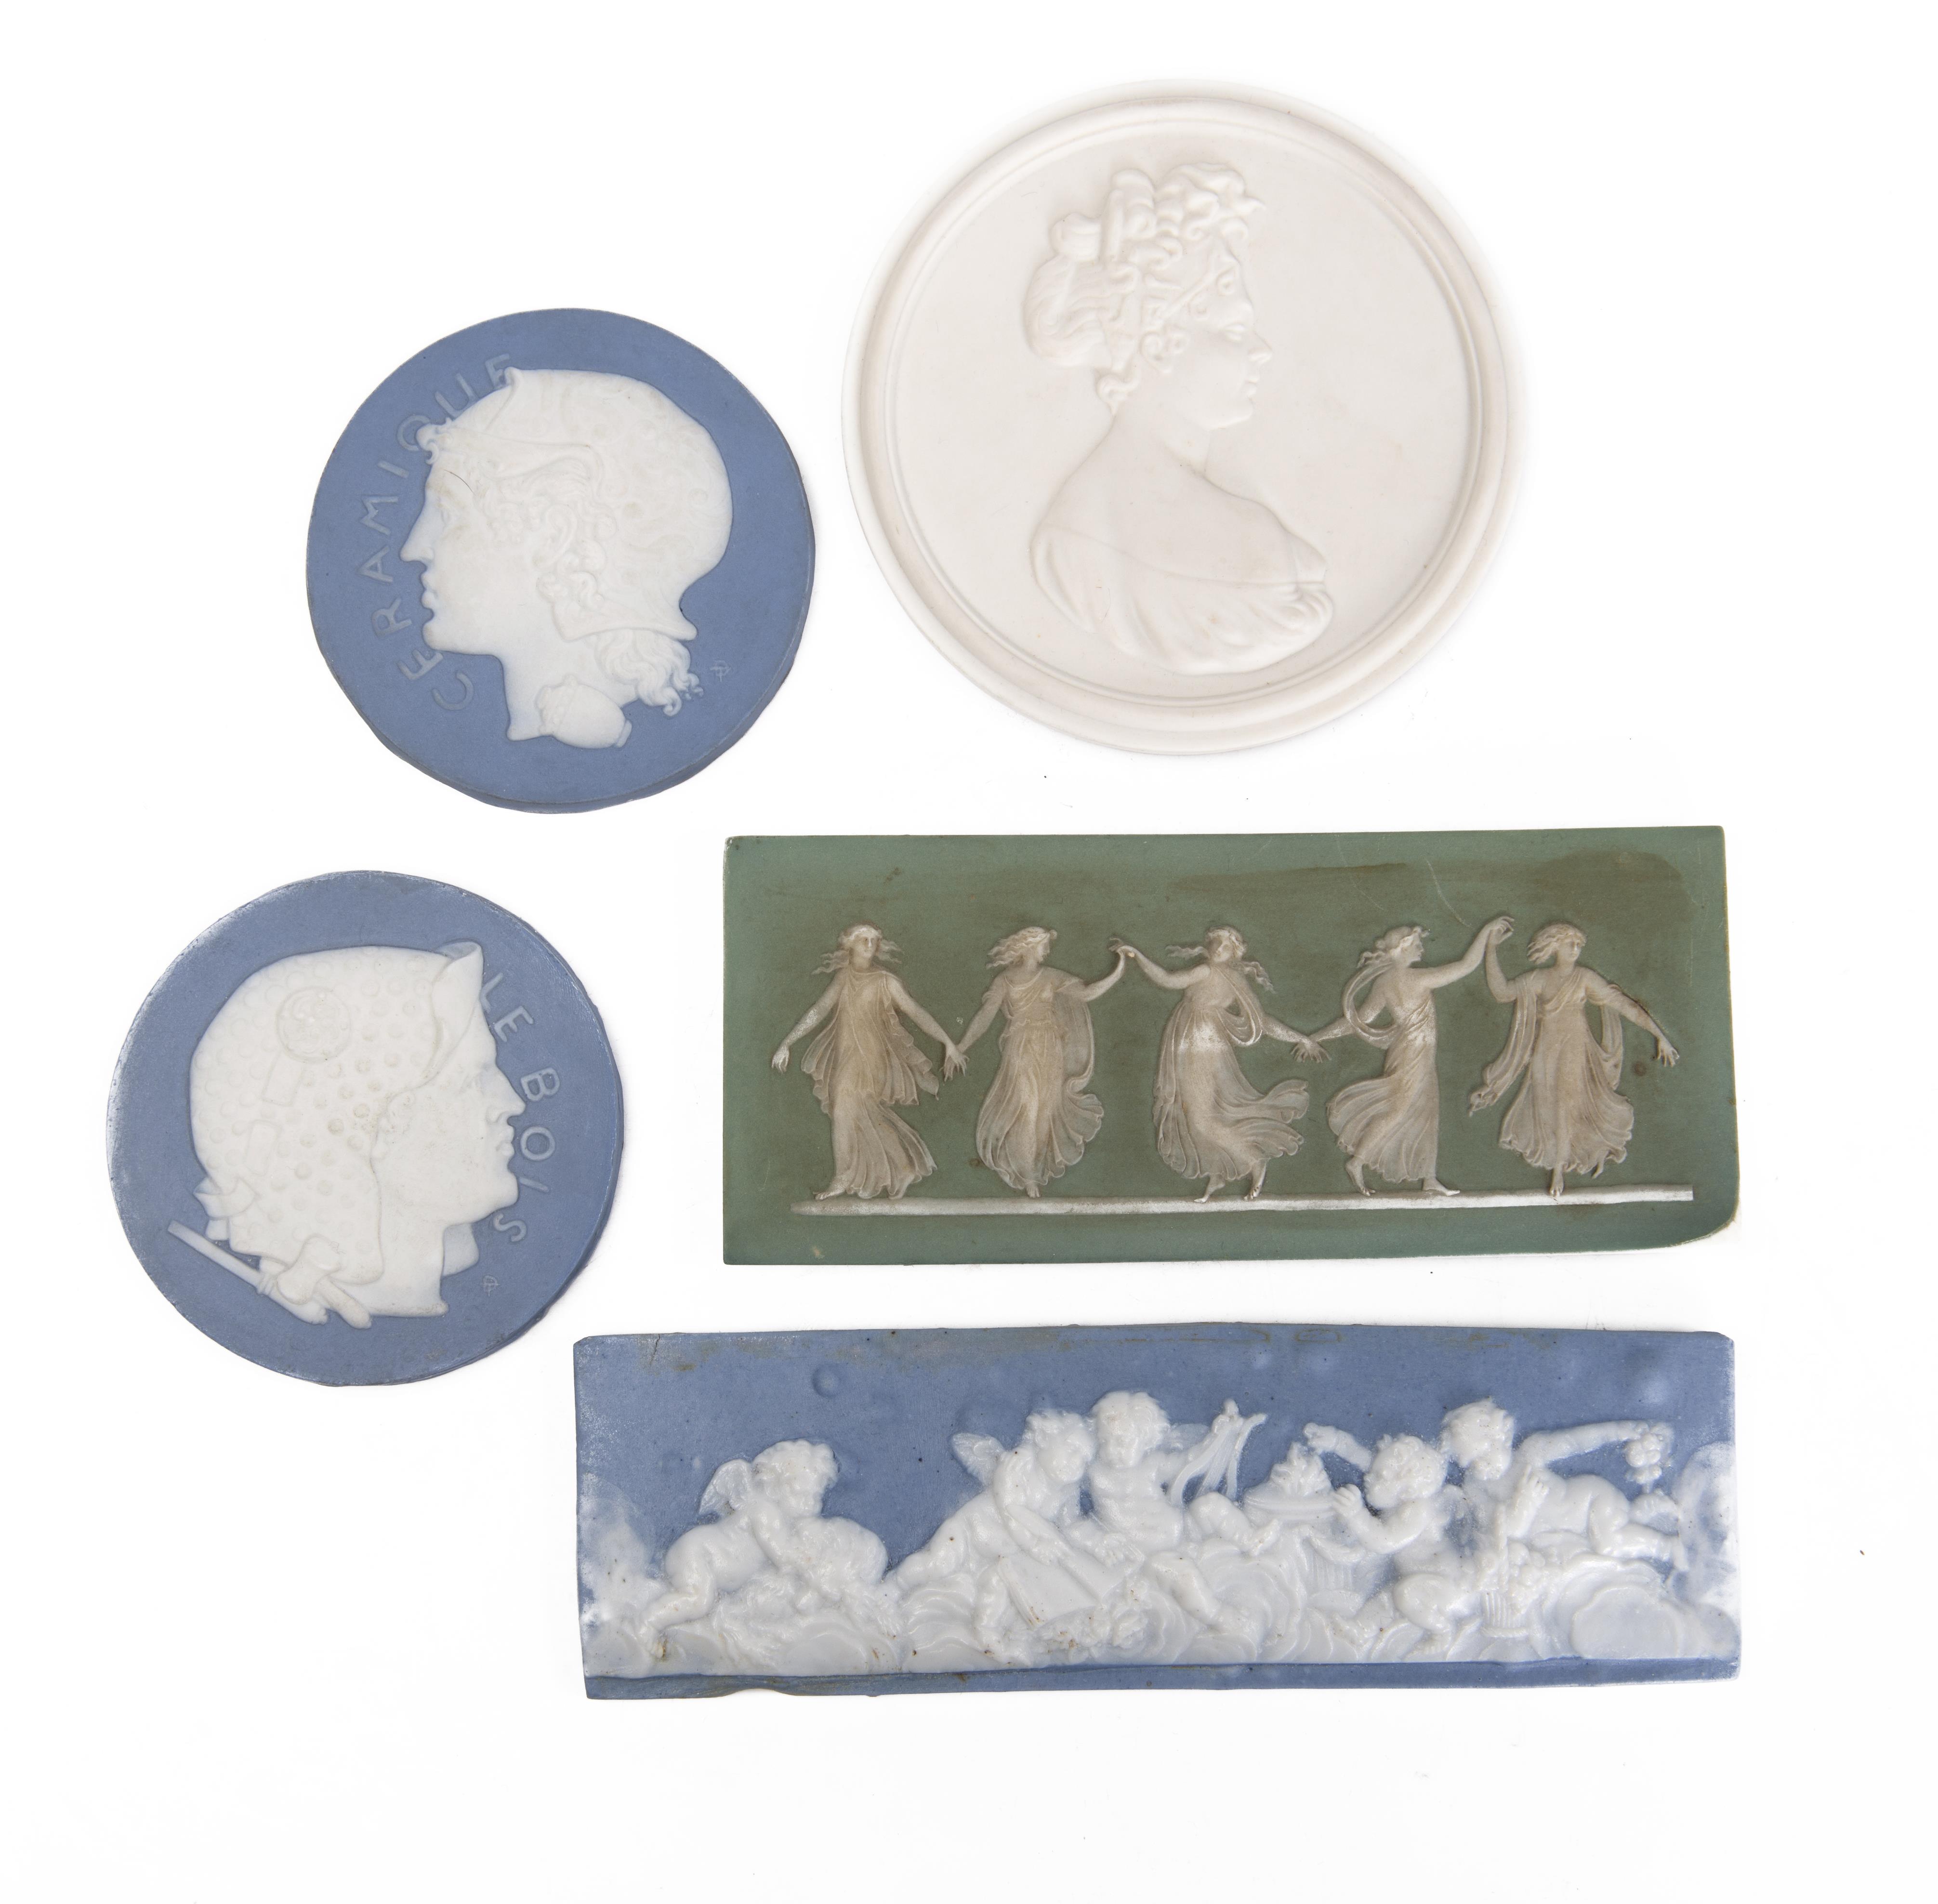 Cinq médaillons et plaques en céramique